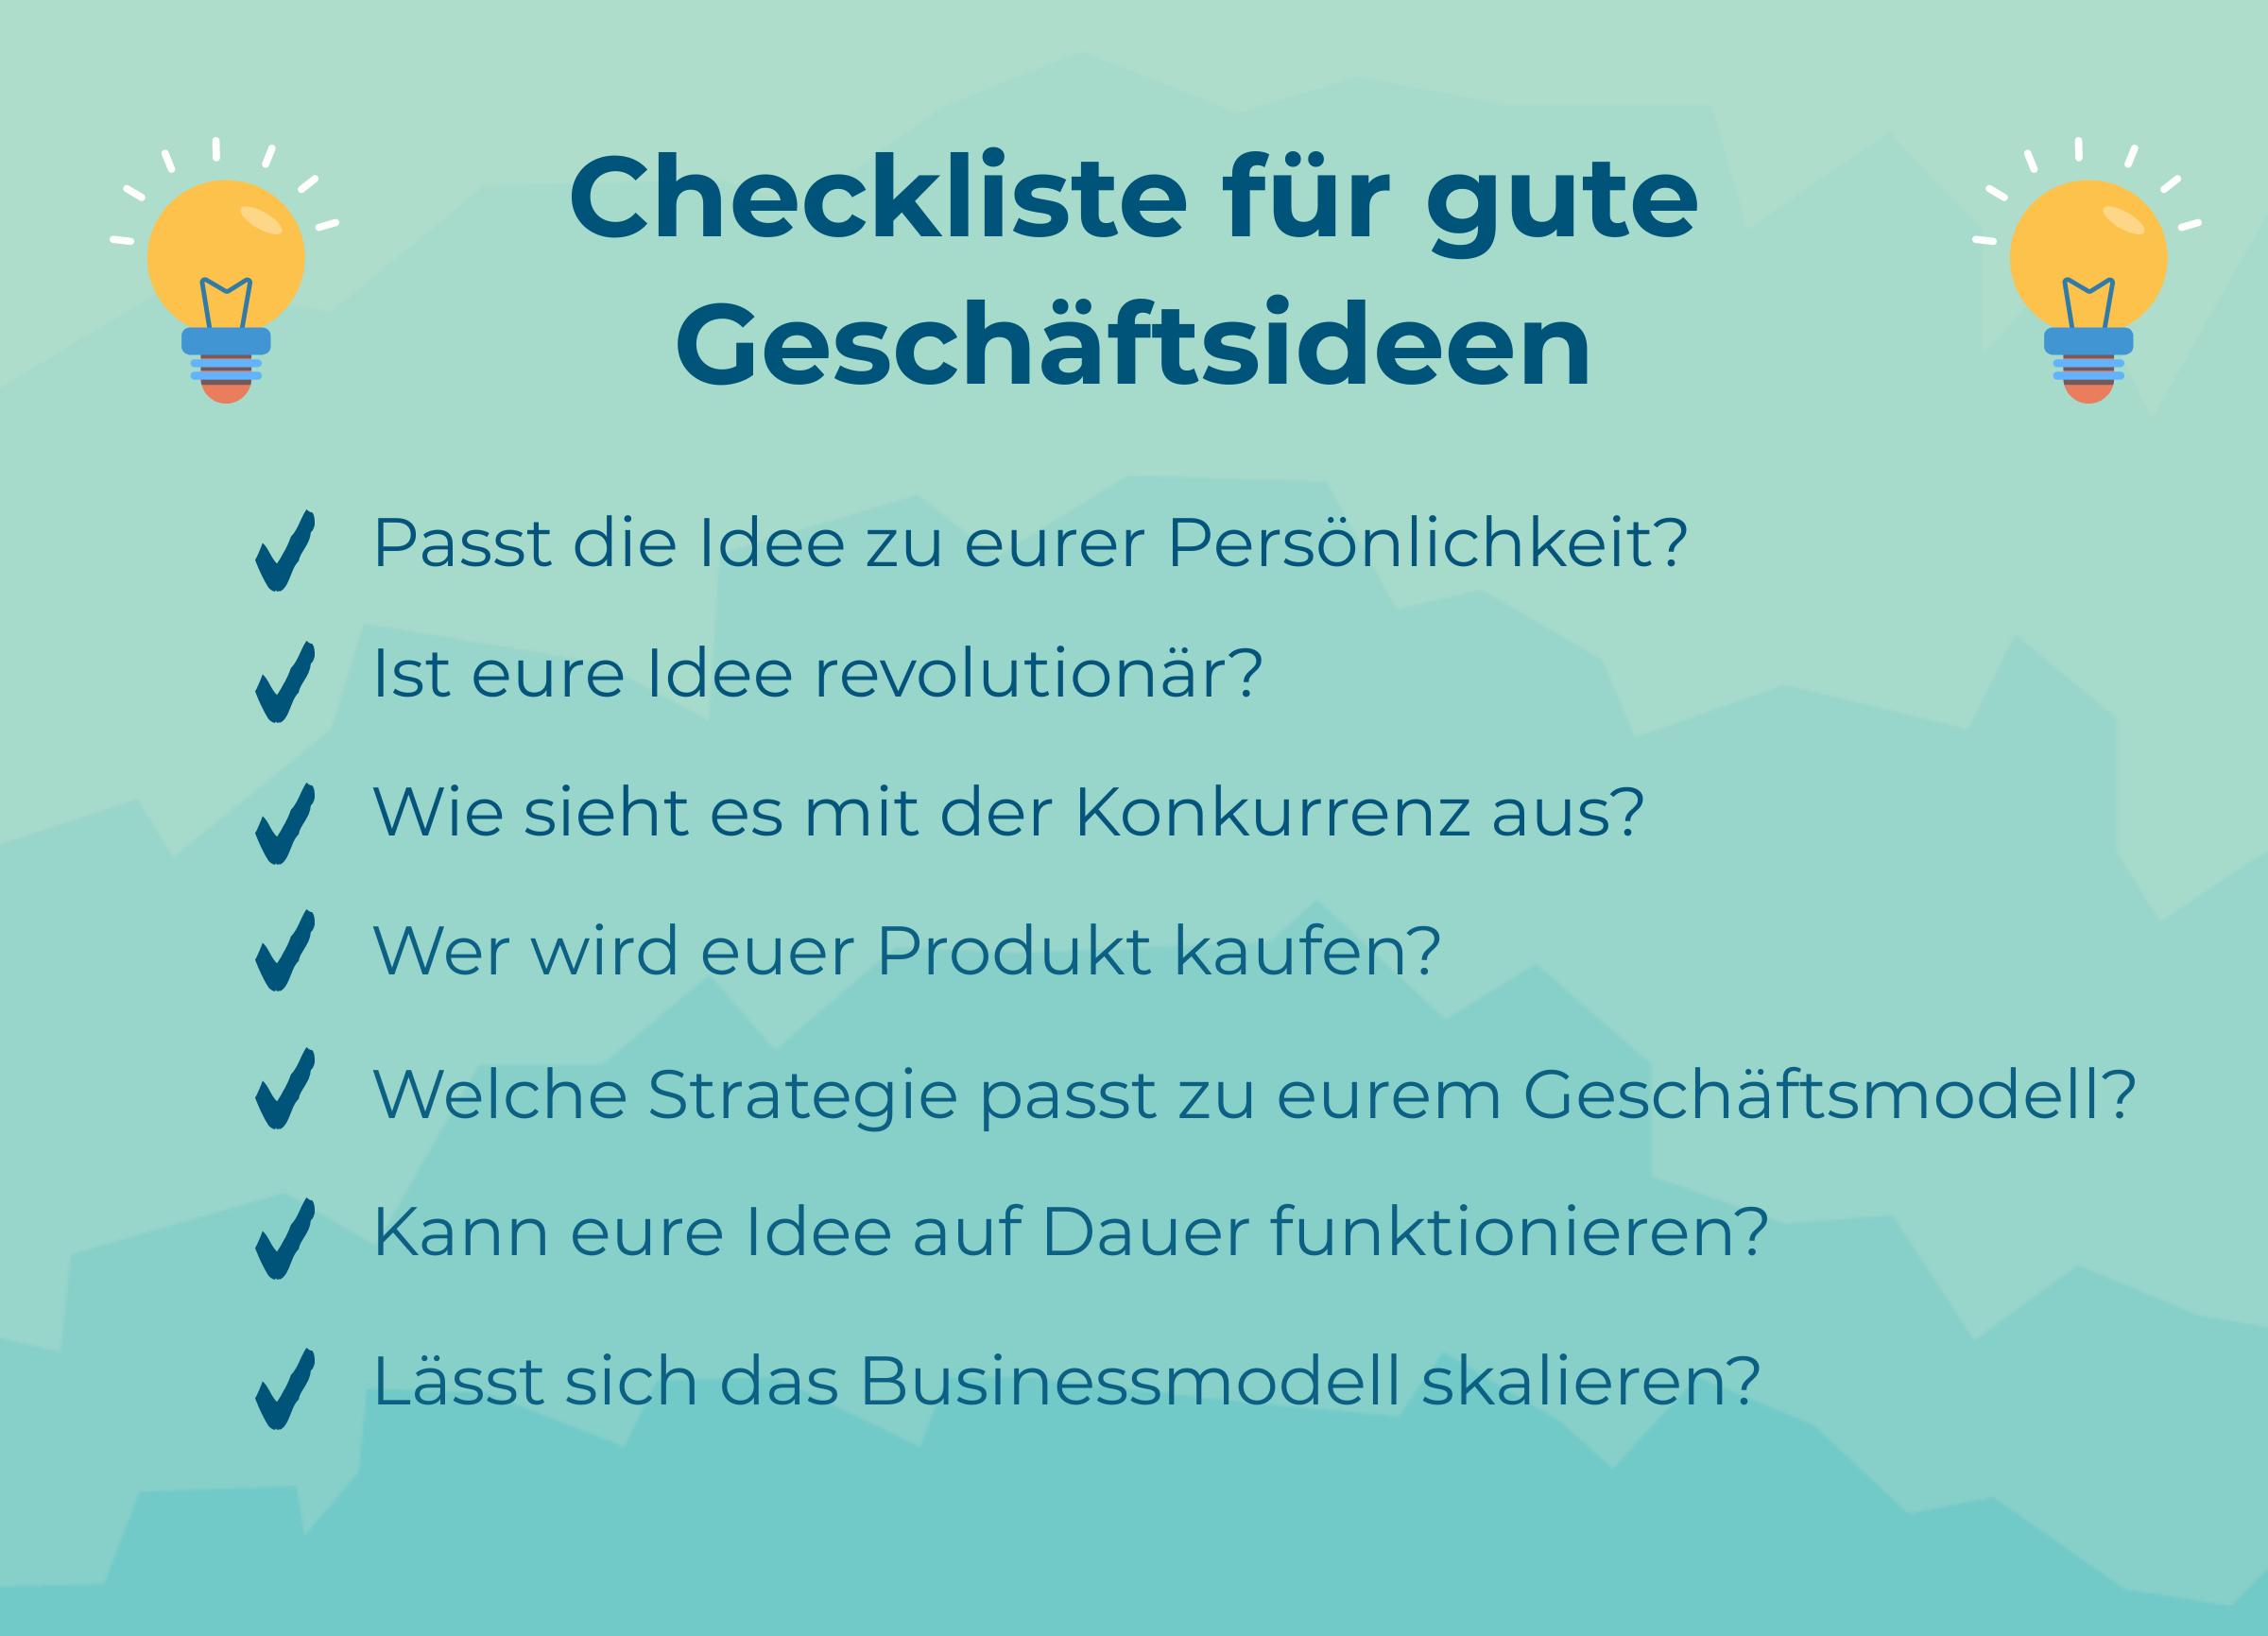 Checkliste mit Fragen für eine gute Geschäftsidee